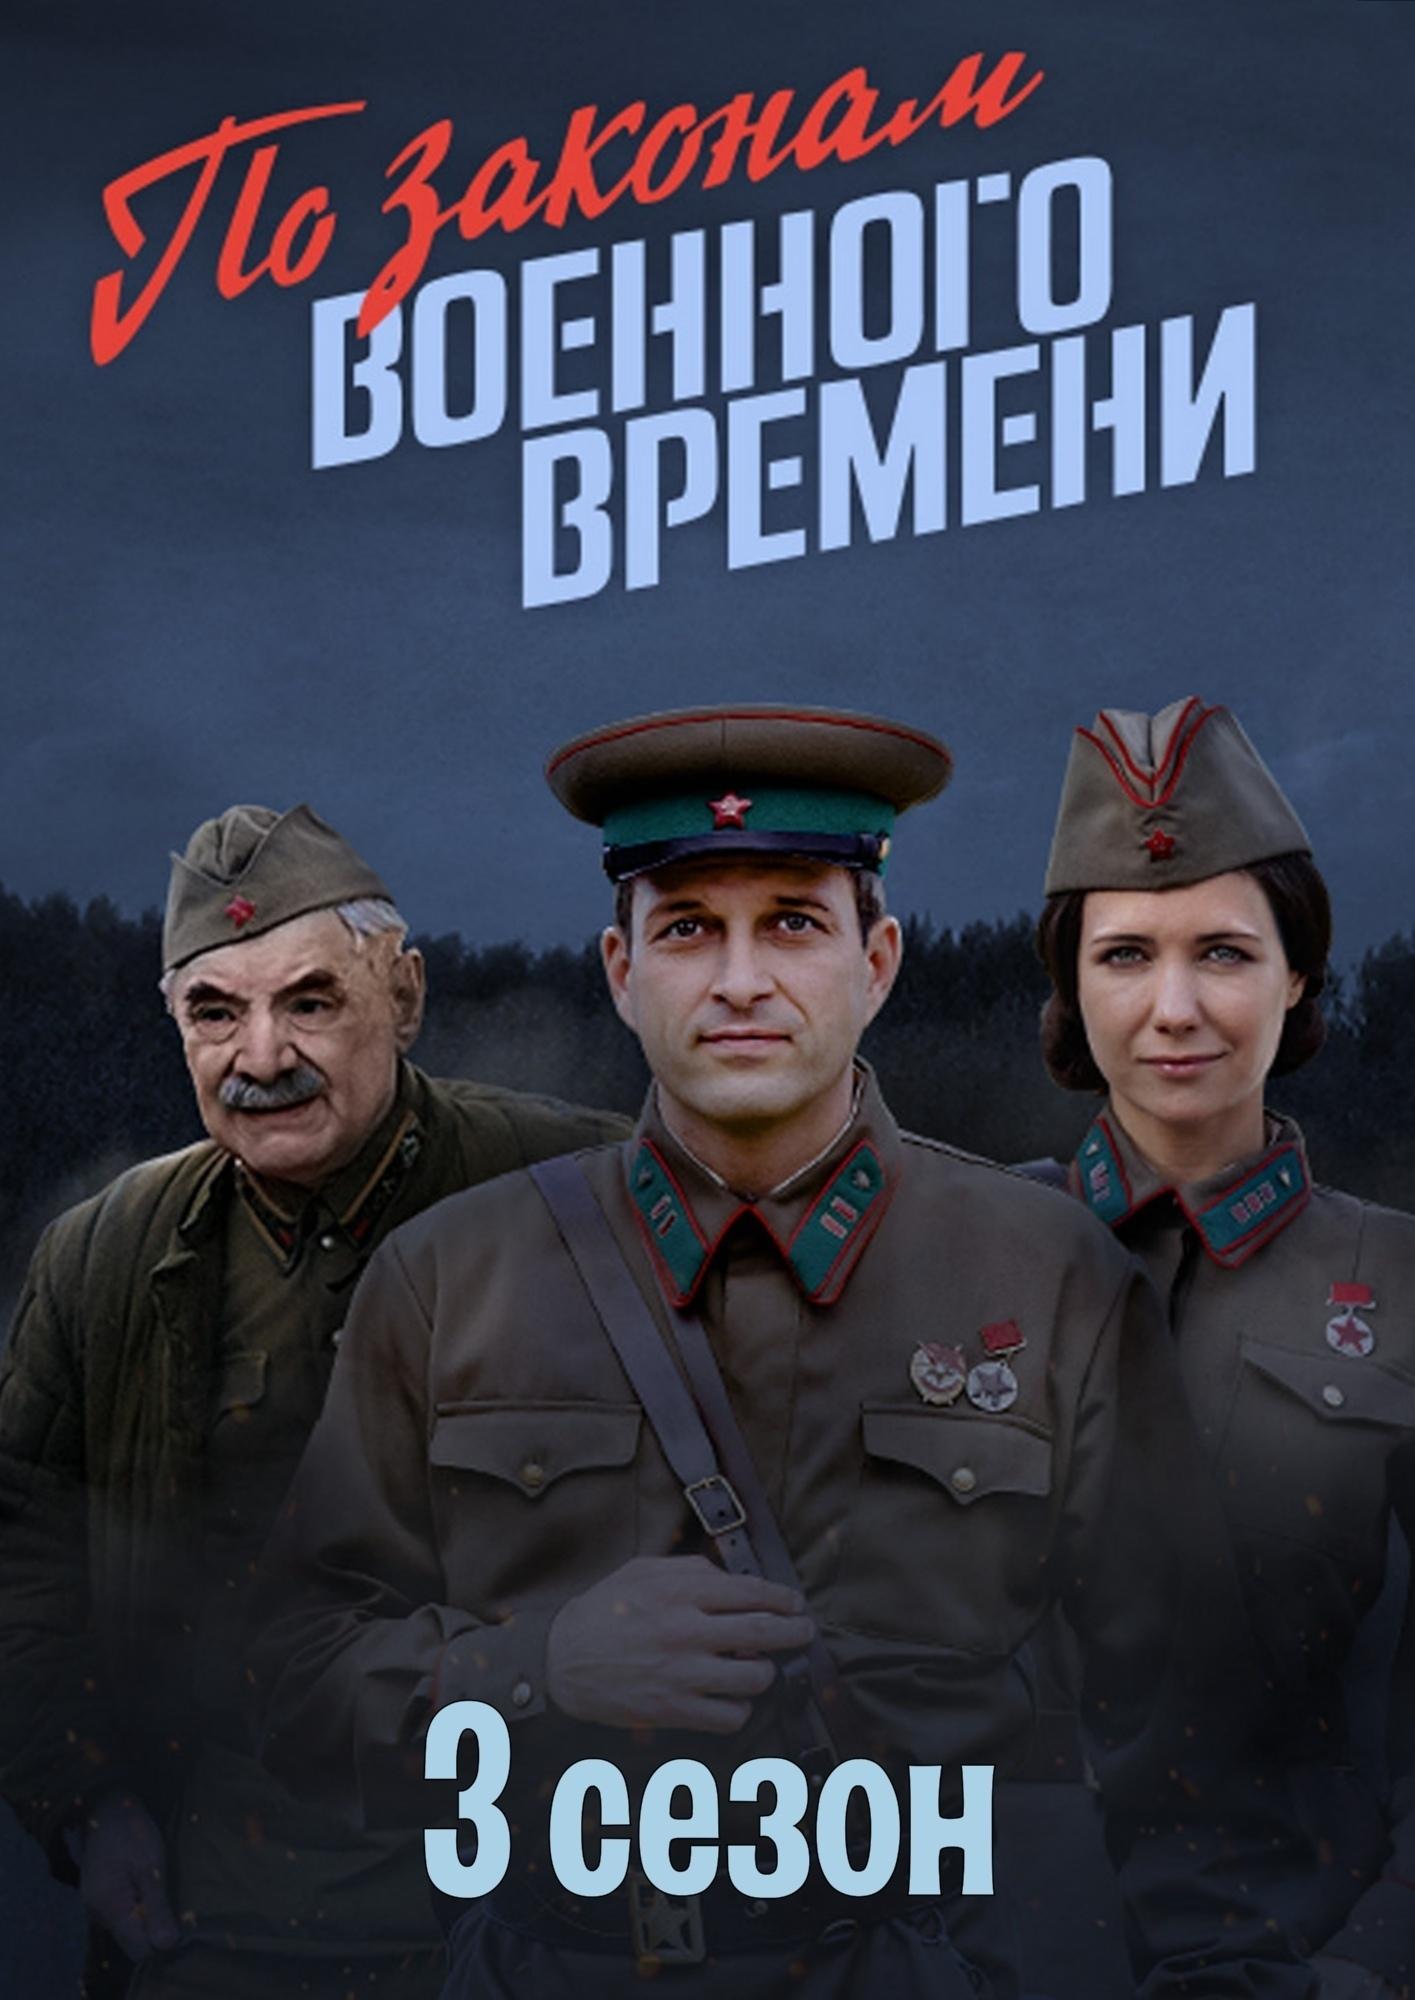 Военный сериал «Пo зaкoнaм вoeннoгo вpeмeнu 3» (2019) 7-8 серия из 8 HD